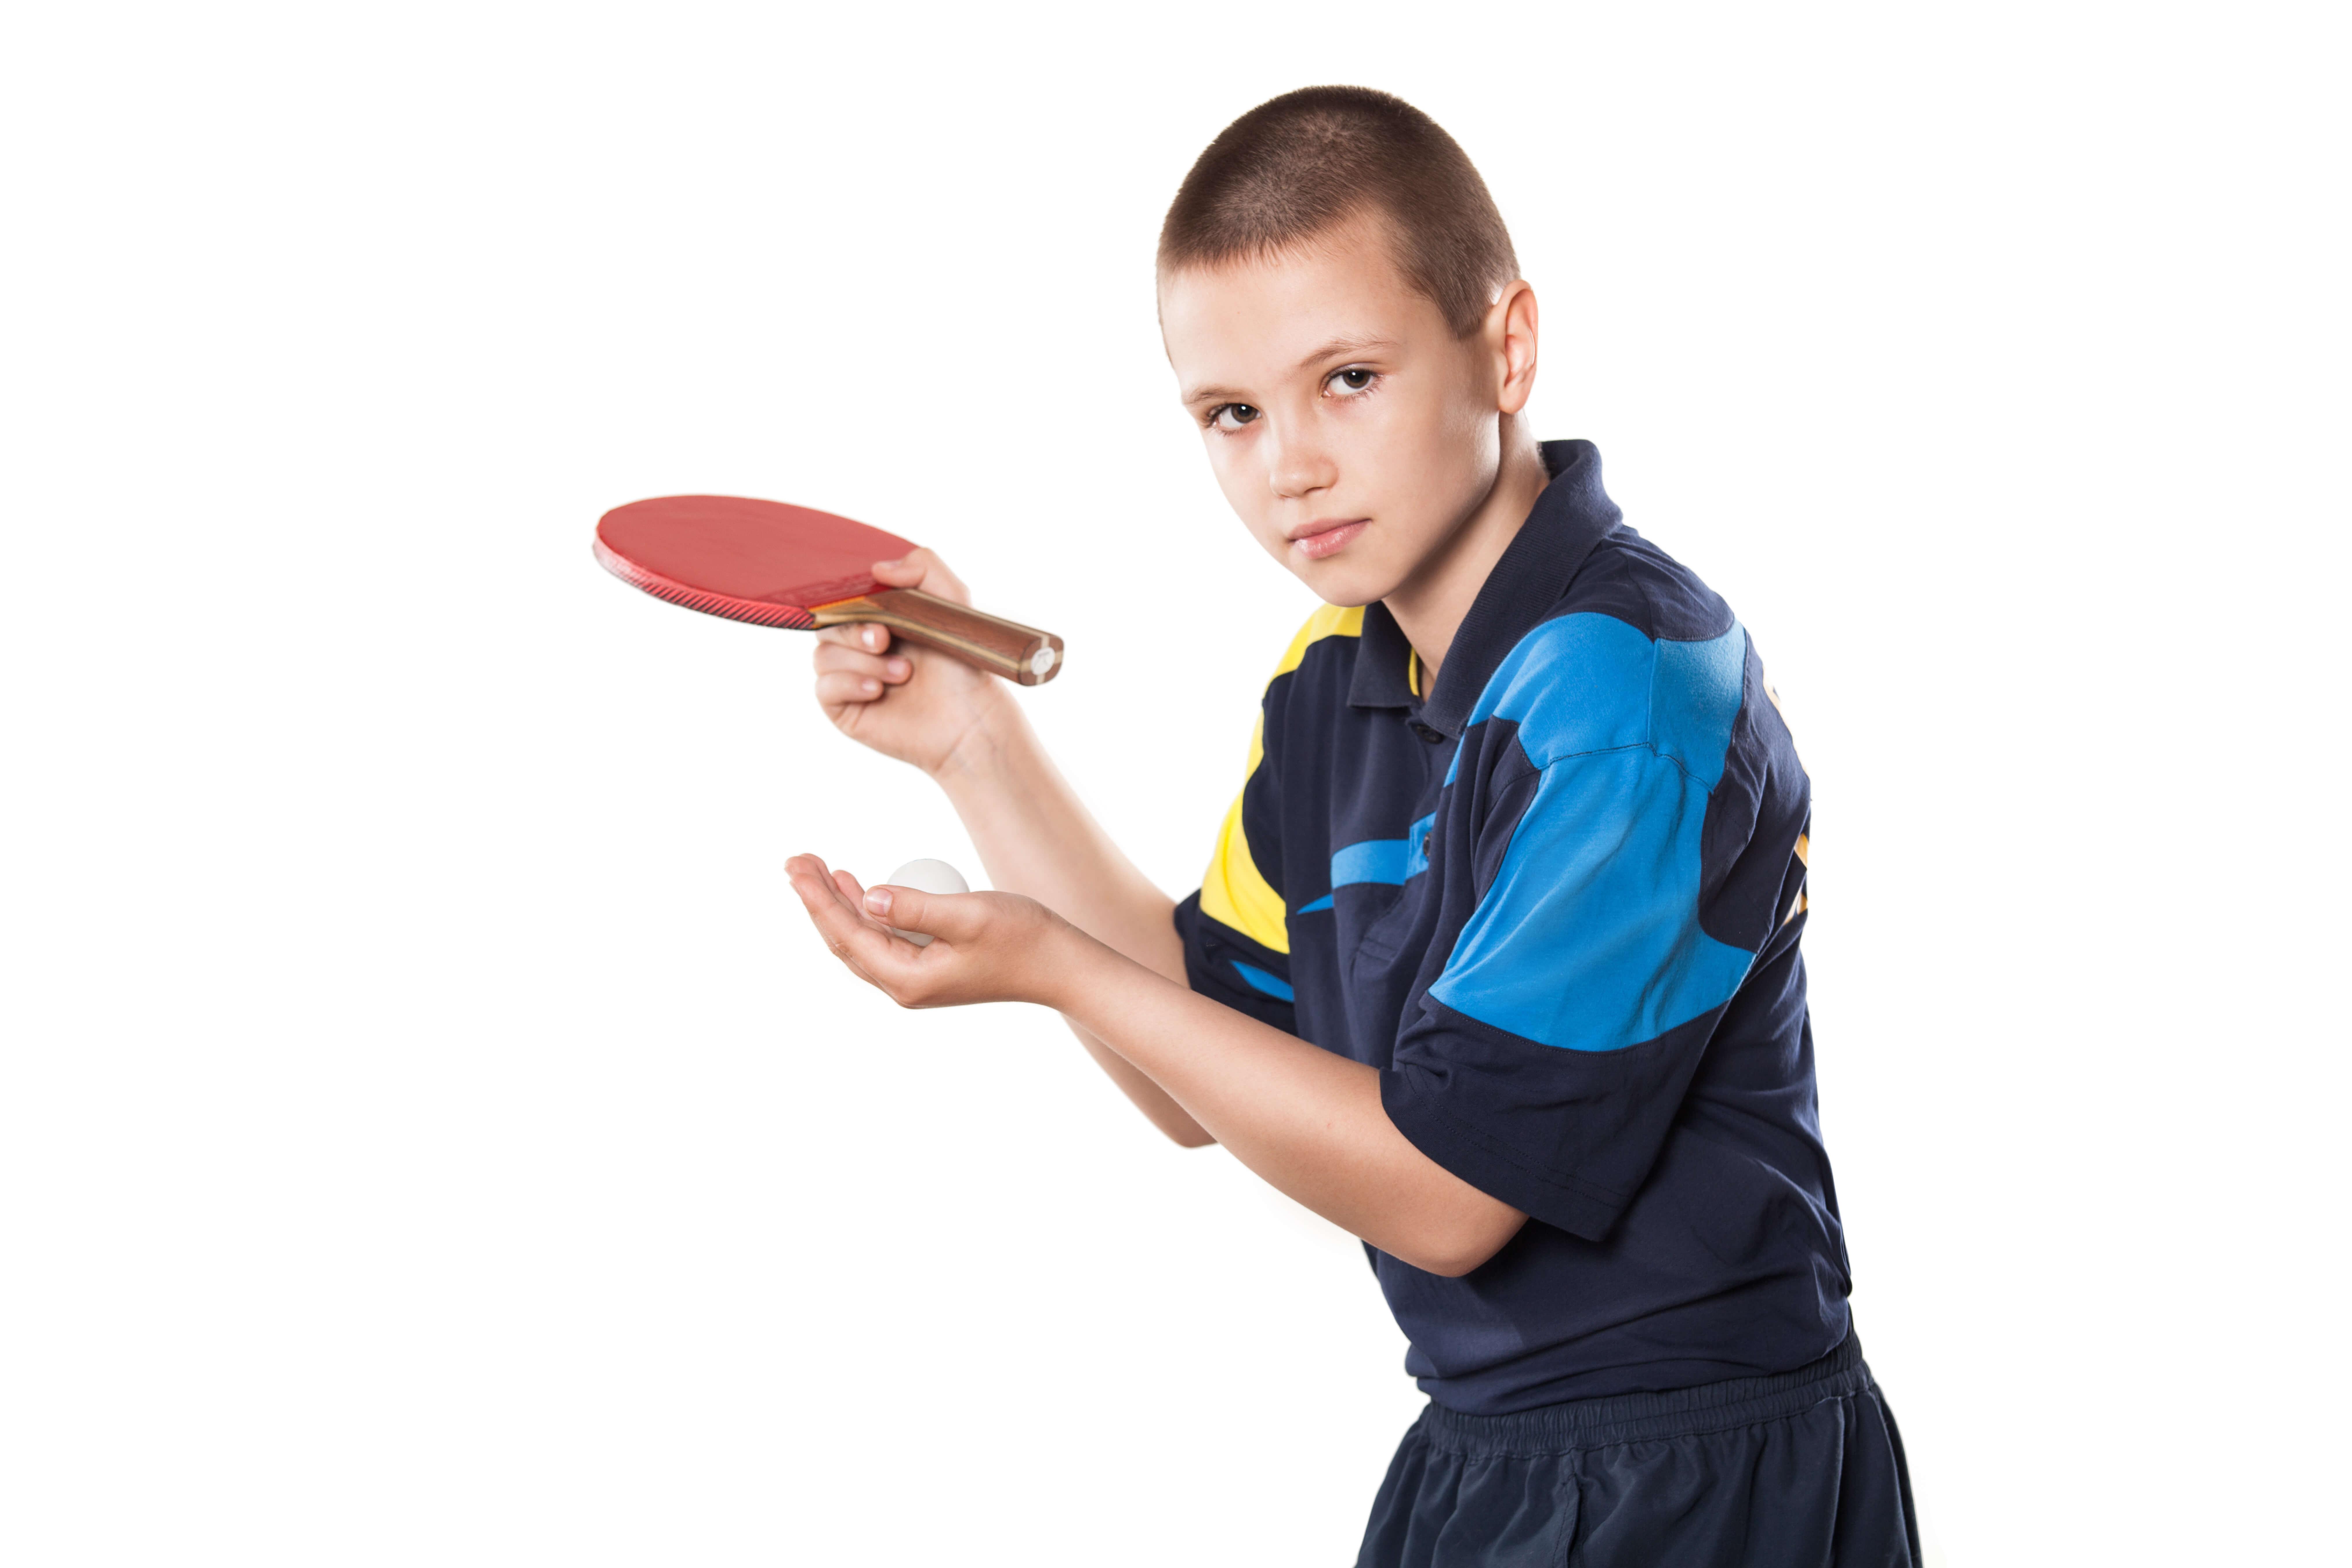 卓球する少年